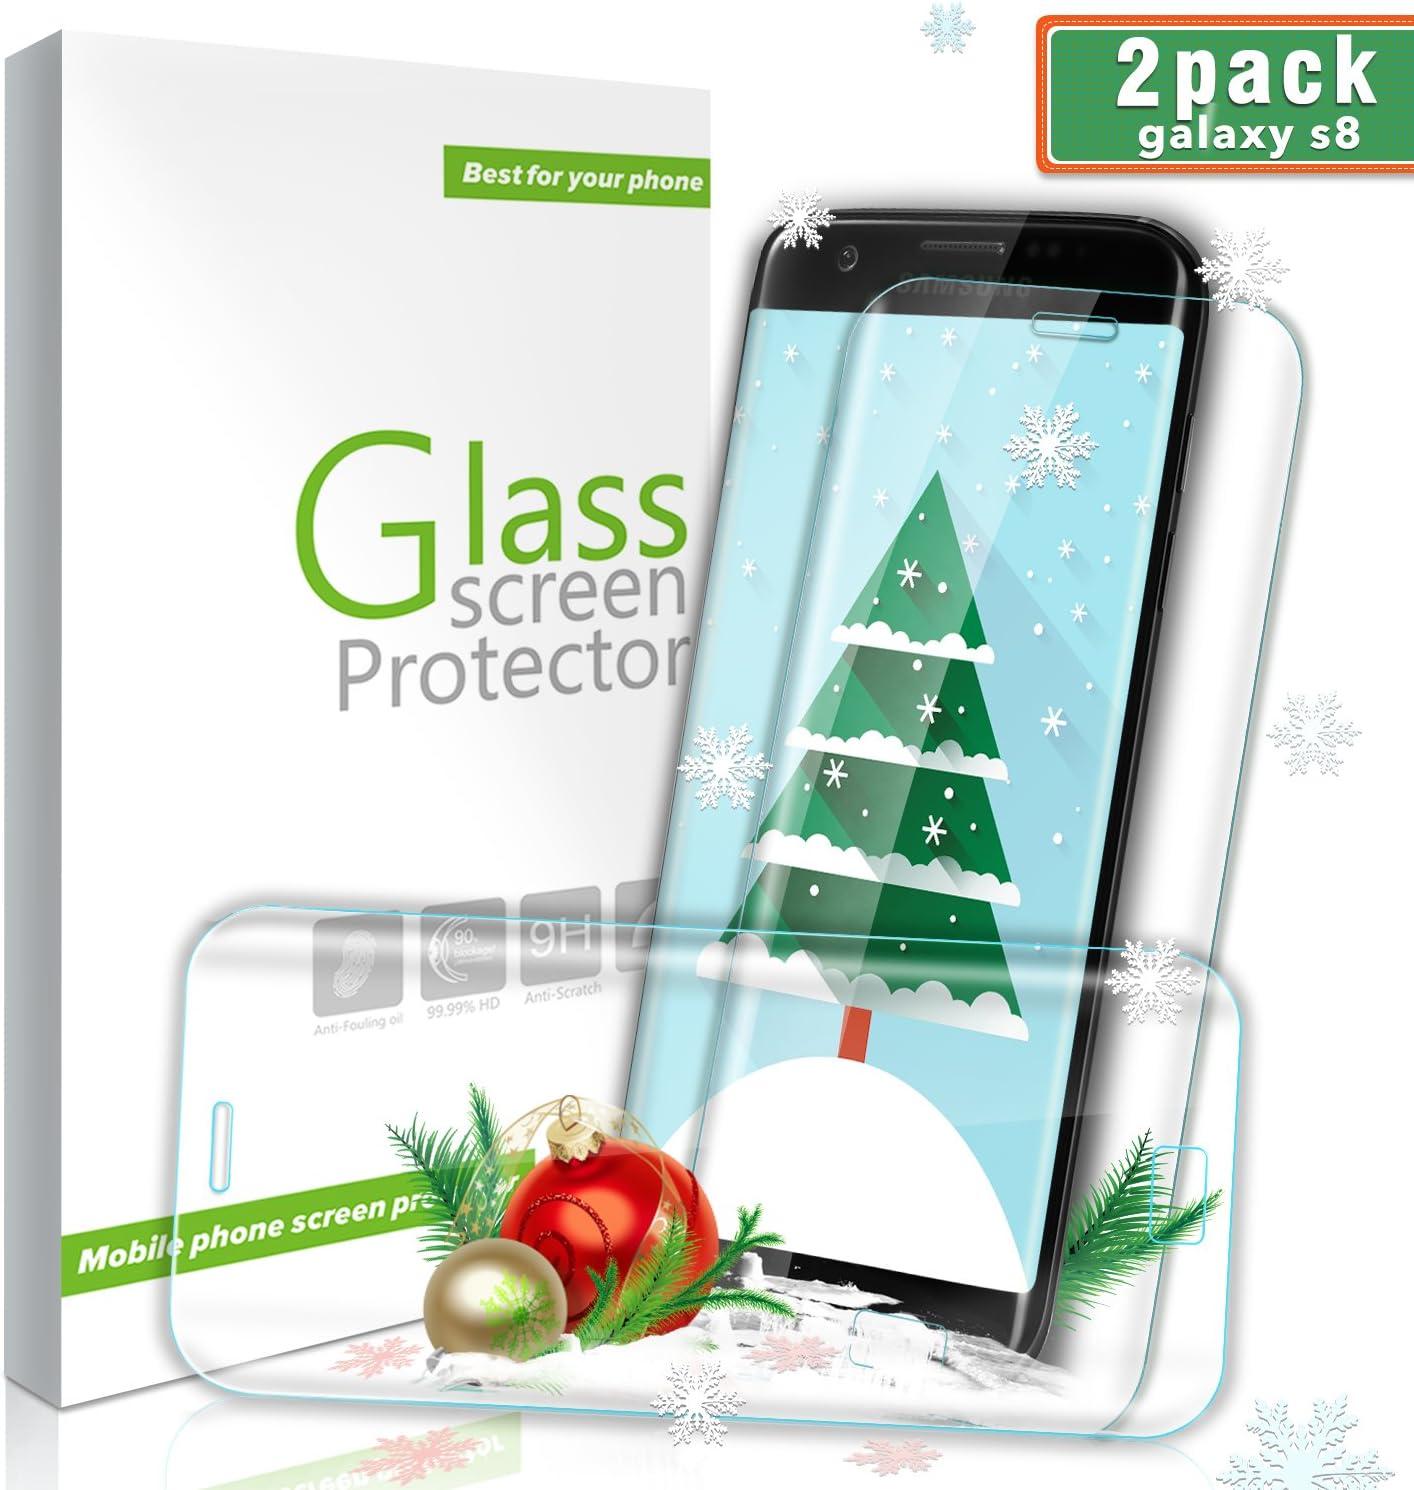 Ultra D/ünn HD Panzerglasfolie mit 3D Touch GIMTON Displayschutzfolie f/ür Galaxy S8 4 St/ück 9H H/ärte Schutzfilm aus Geh/ärtetem Glas f/ür Samsung Galaxy S8